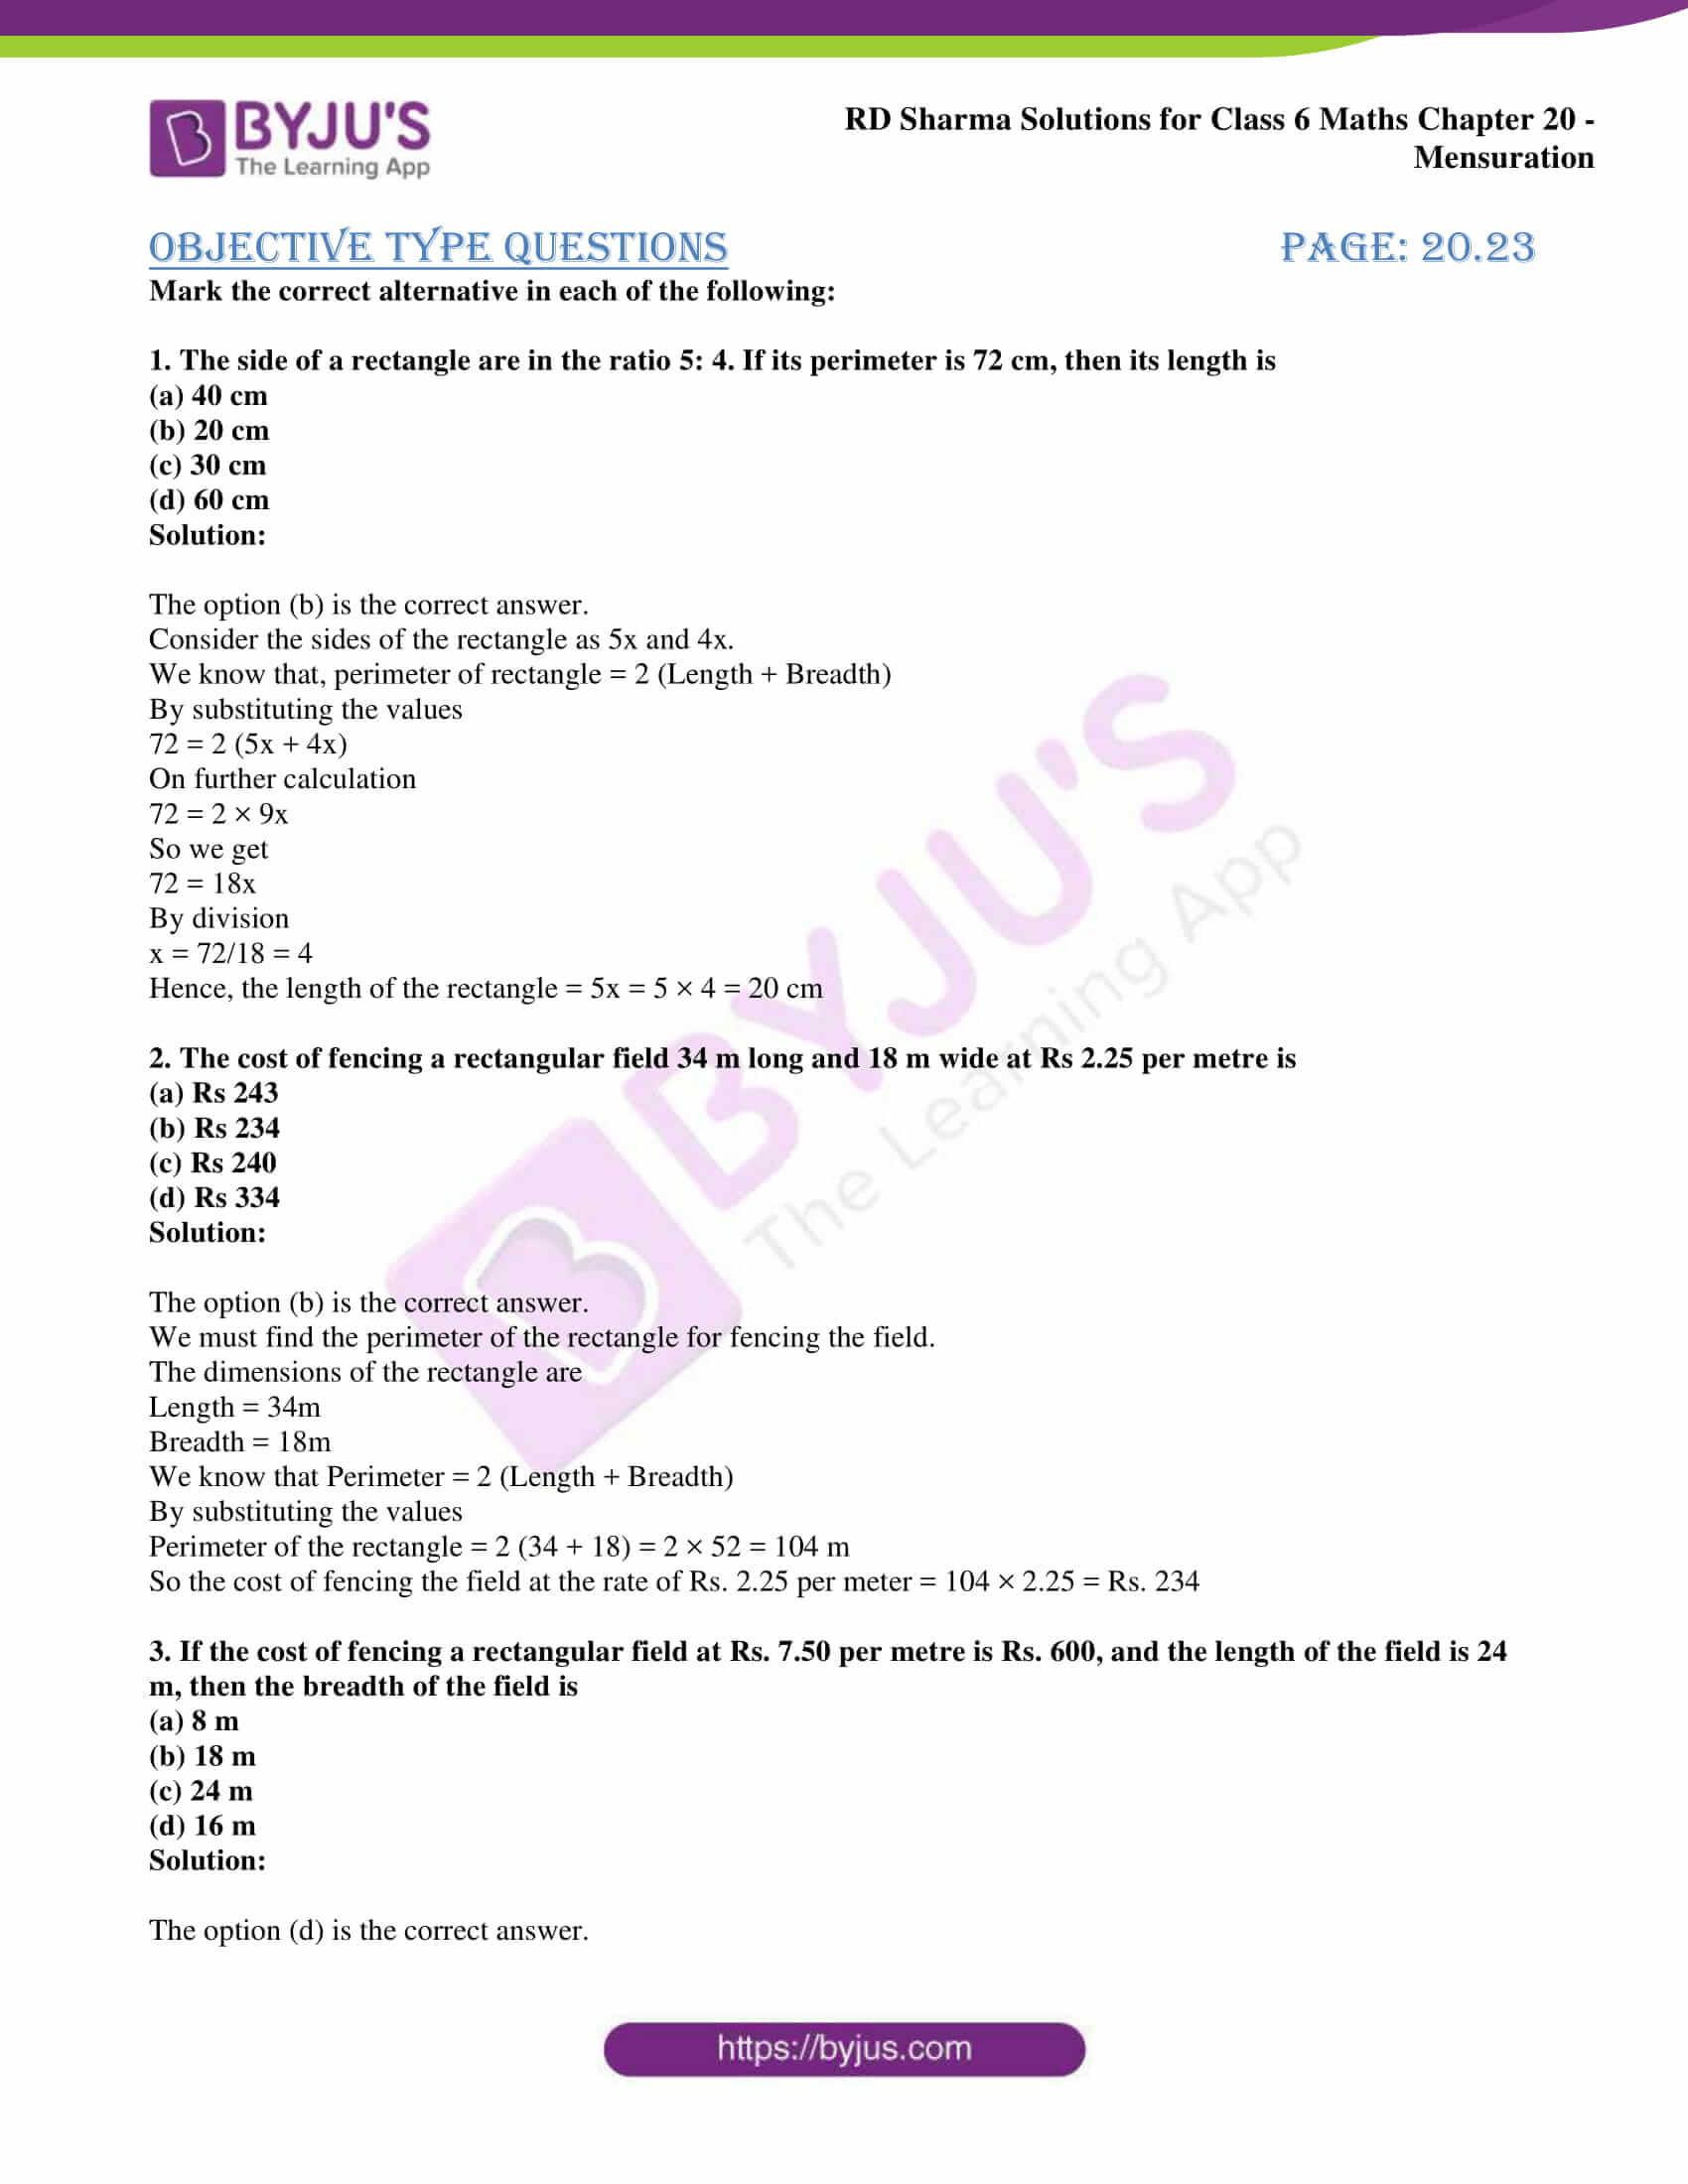 rd sharma solutions class 6 maths chapter 20